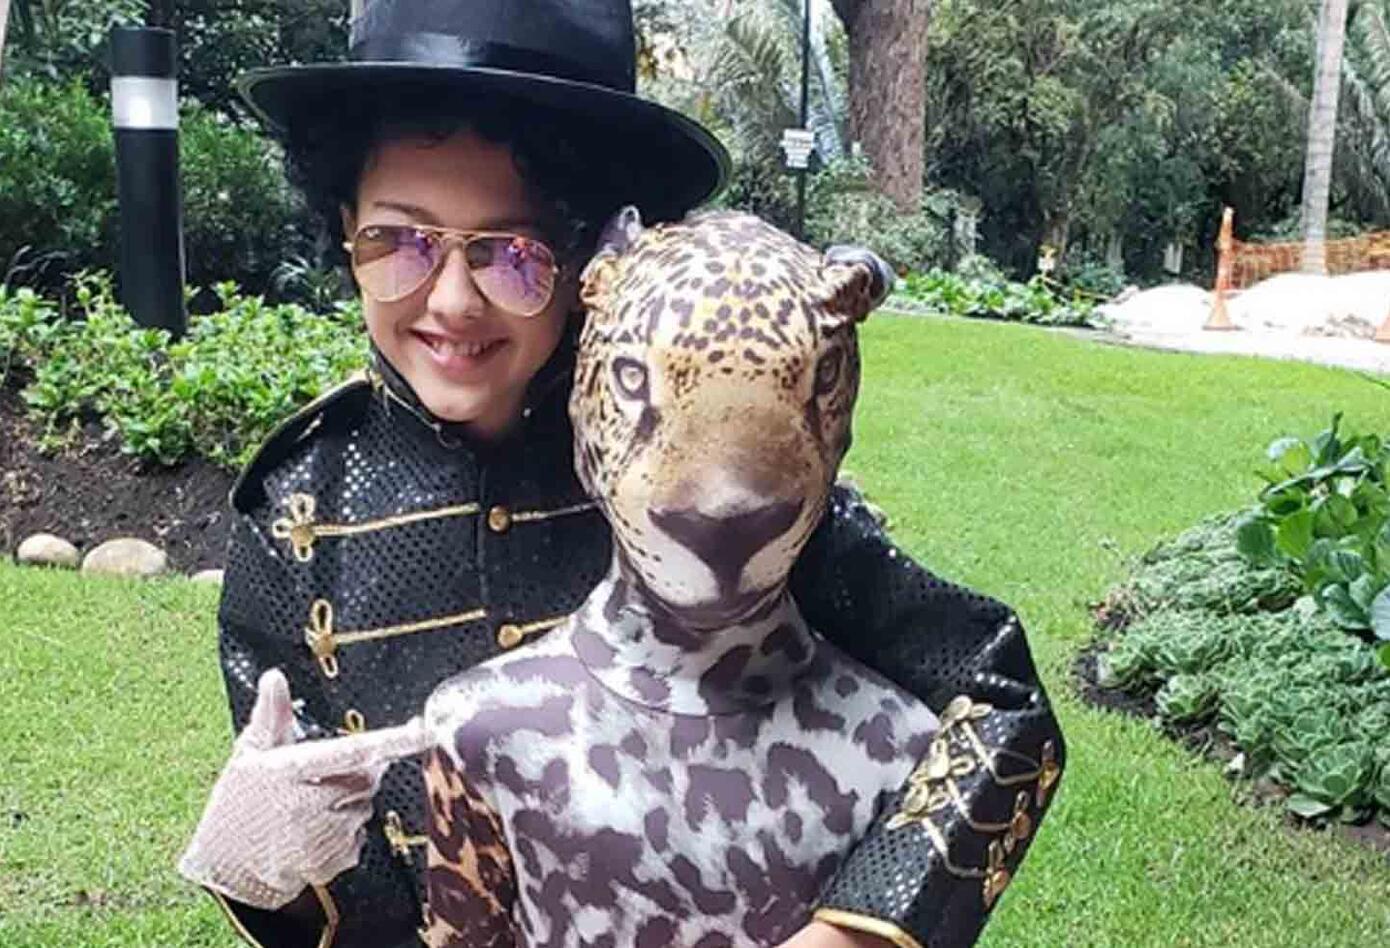 Los hijos de la presentadora y el cantante Carlos Vives lucieron un disfraz de Michael Jackson (Elena Vives) y de jaguar (Pedro Vives).